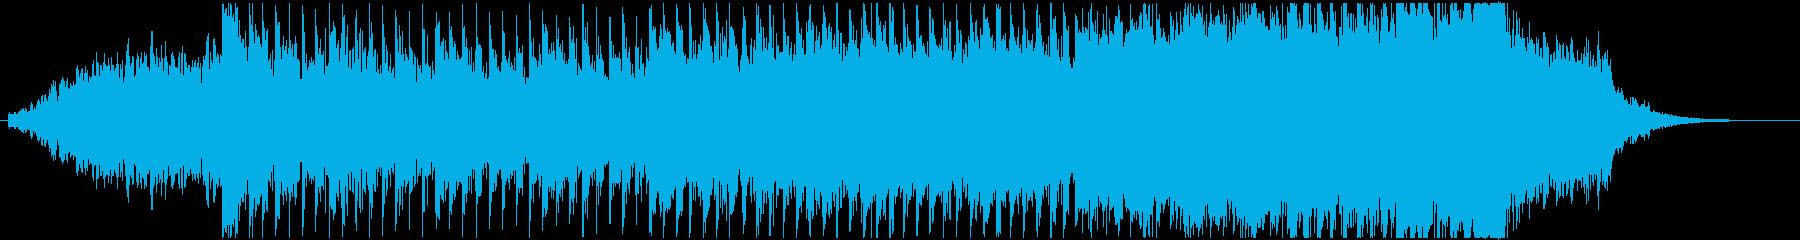 シンセサイザーやサックスを使用した暗い曲の再生済みの波形